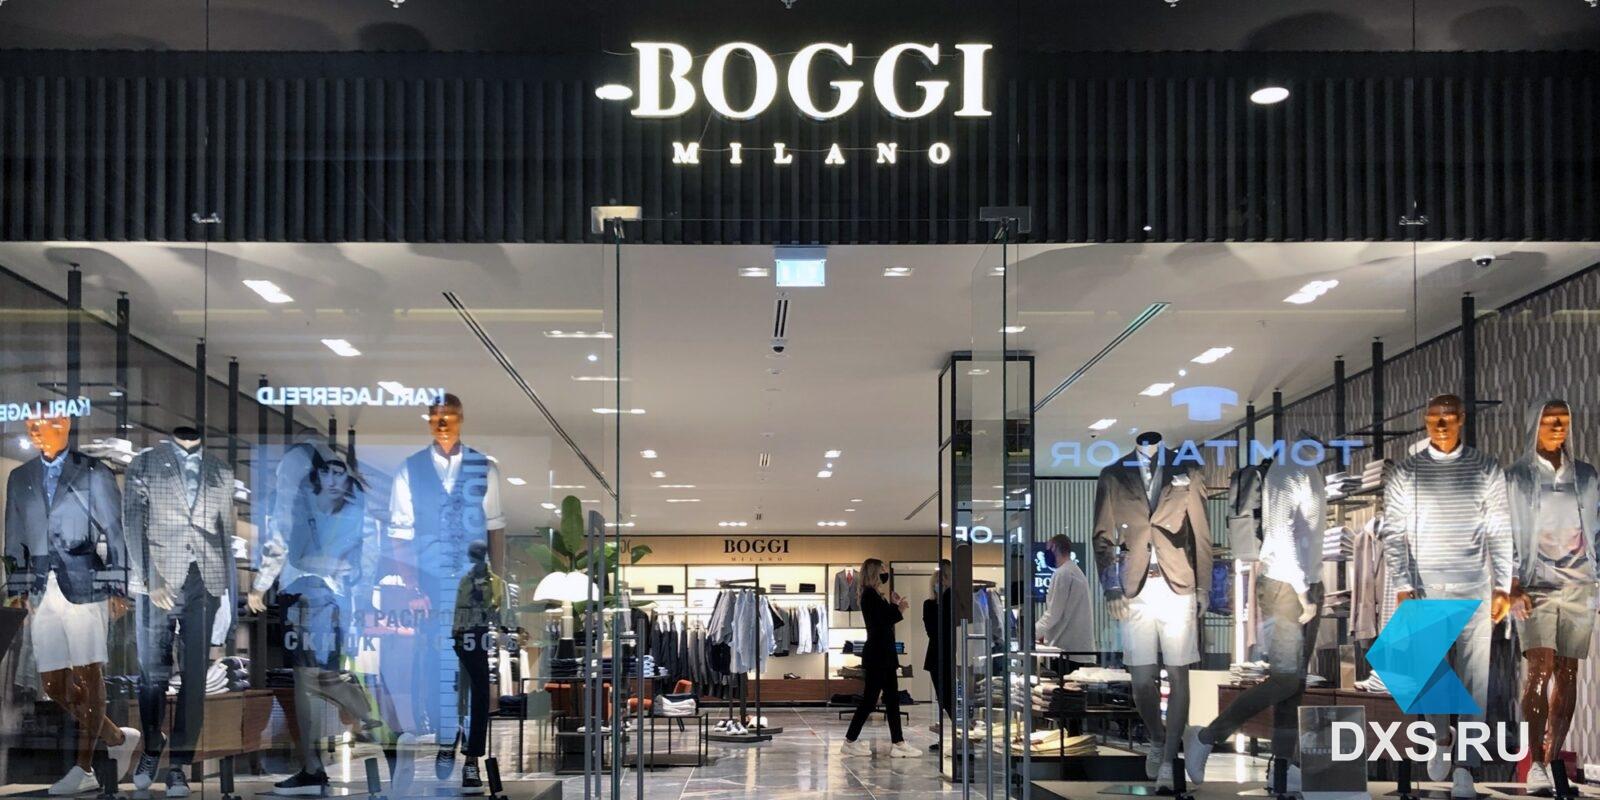 BOGGI Milano Ростов Горизонт